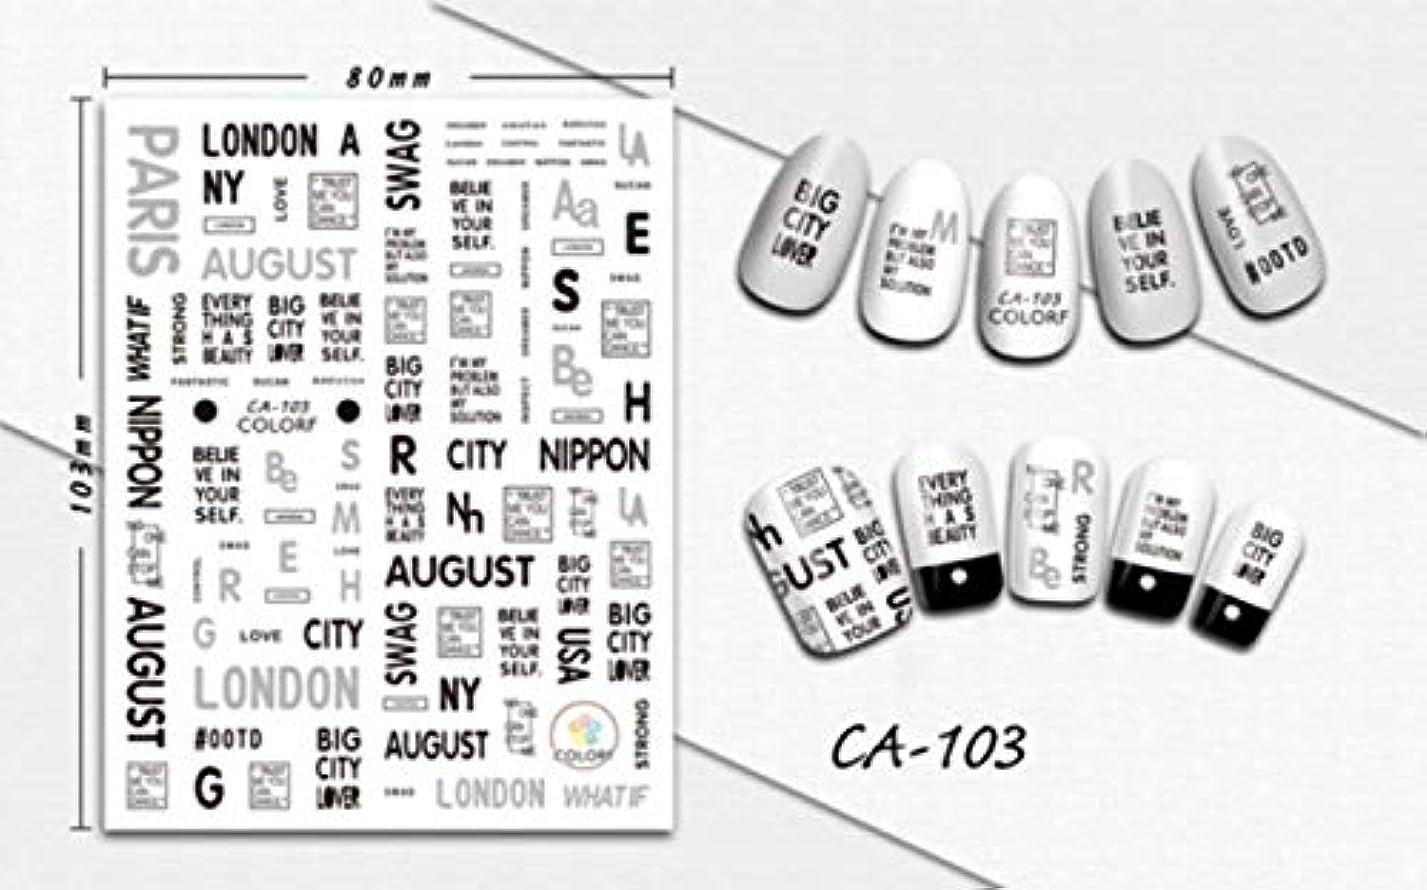 大脳前書き支配するSUKTI&XIAO ネイルステッカー 1ピースアルファベットネイルデカール3Dステッカーネイルチャームレタースタンプネイルアートステッカー薄い接着剤マニキュアスライス、Ca103